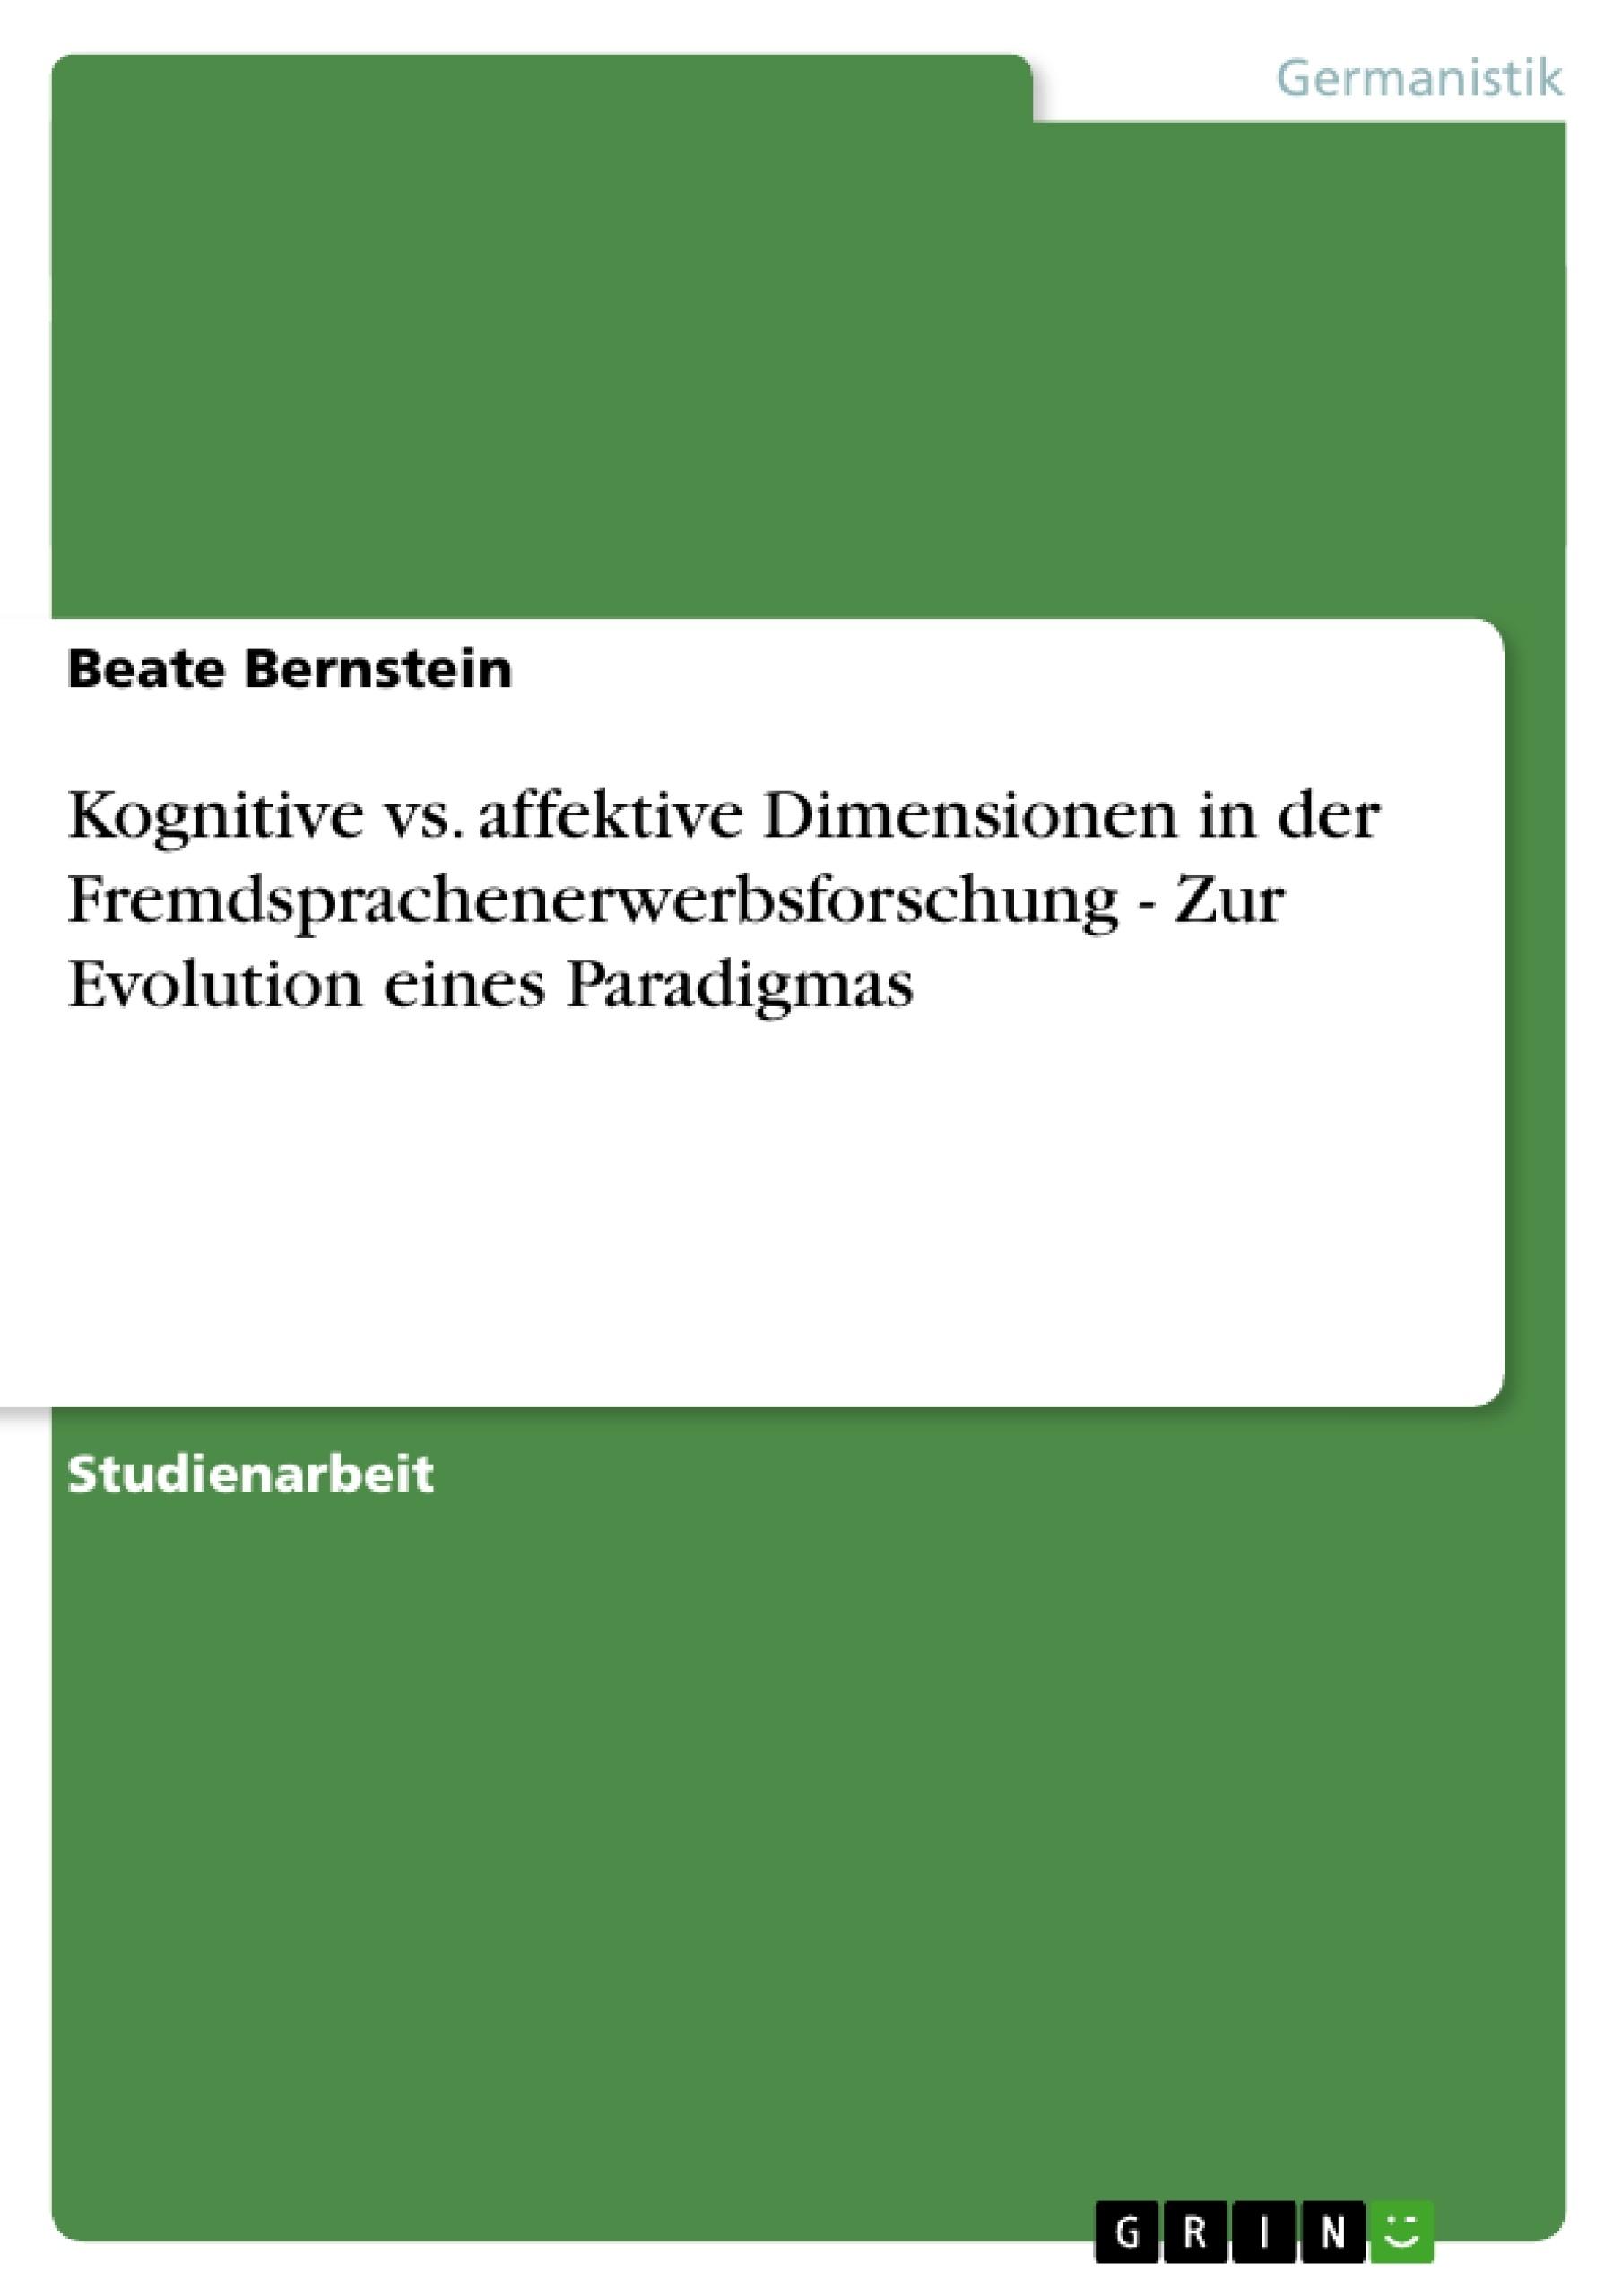 Titel: Kognitive vs. affektive Dimensionen in der Fremdsprachenerwerbsforschung - Zur Evolution eines Paradigmas